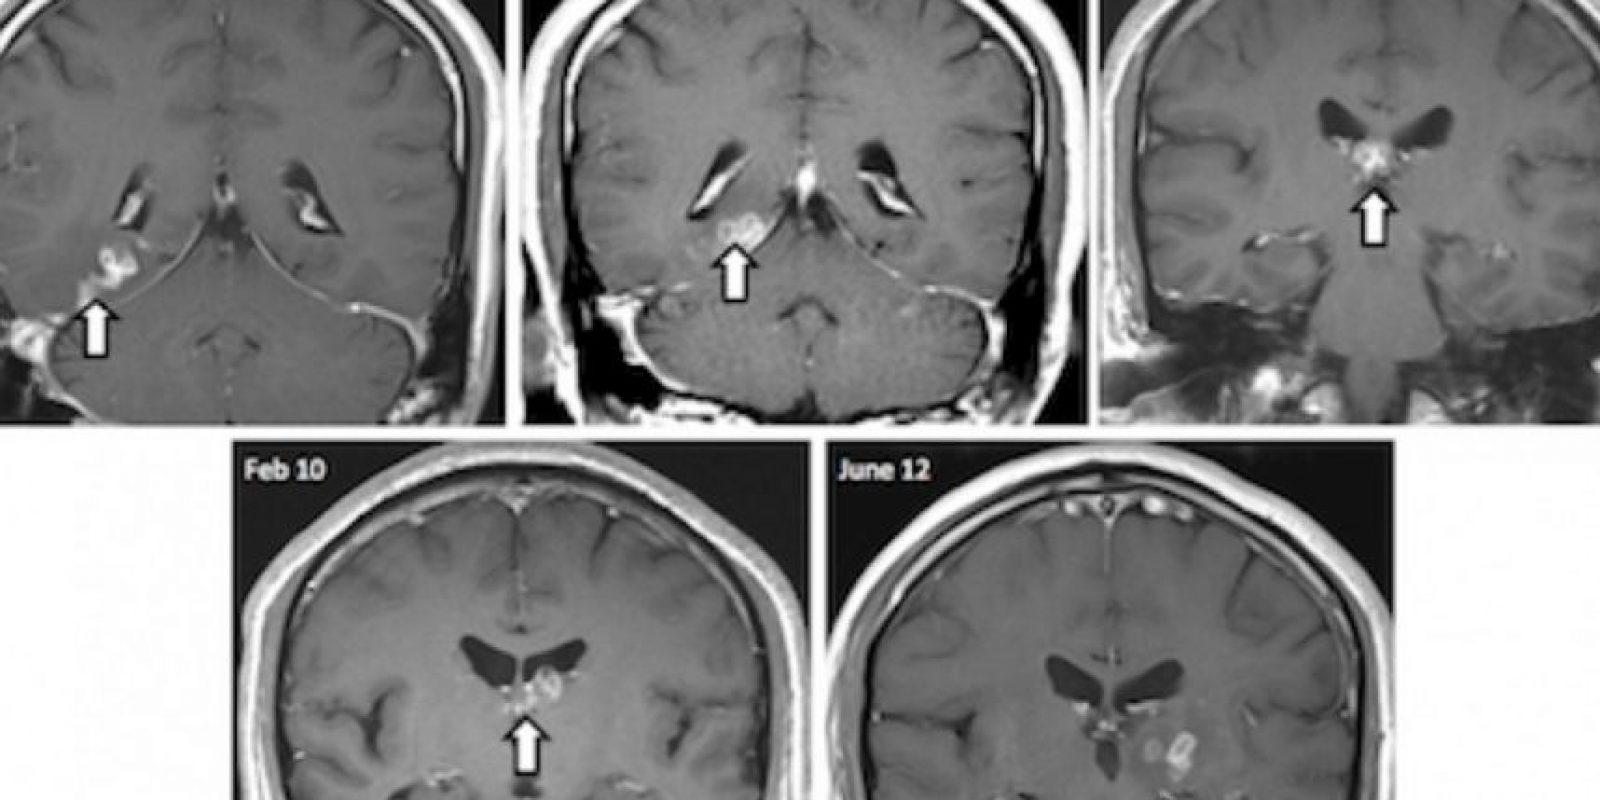 Un hombre tenía dolores de cabeza debilitantes. Hasta que en plenos exámenes descubrieron que tenía un gusano viviendo en su cerebro. Foto:Genome Biology